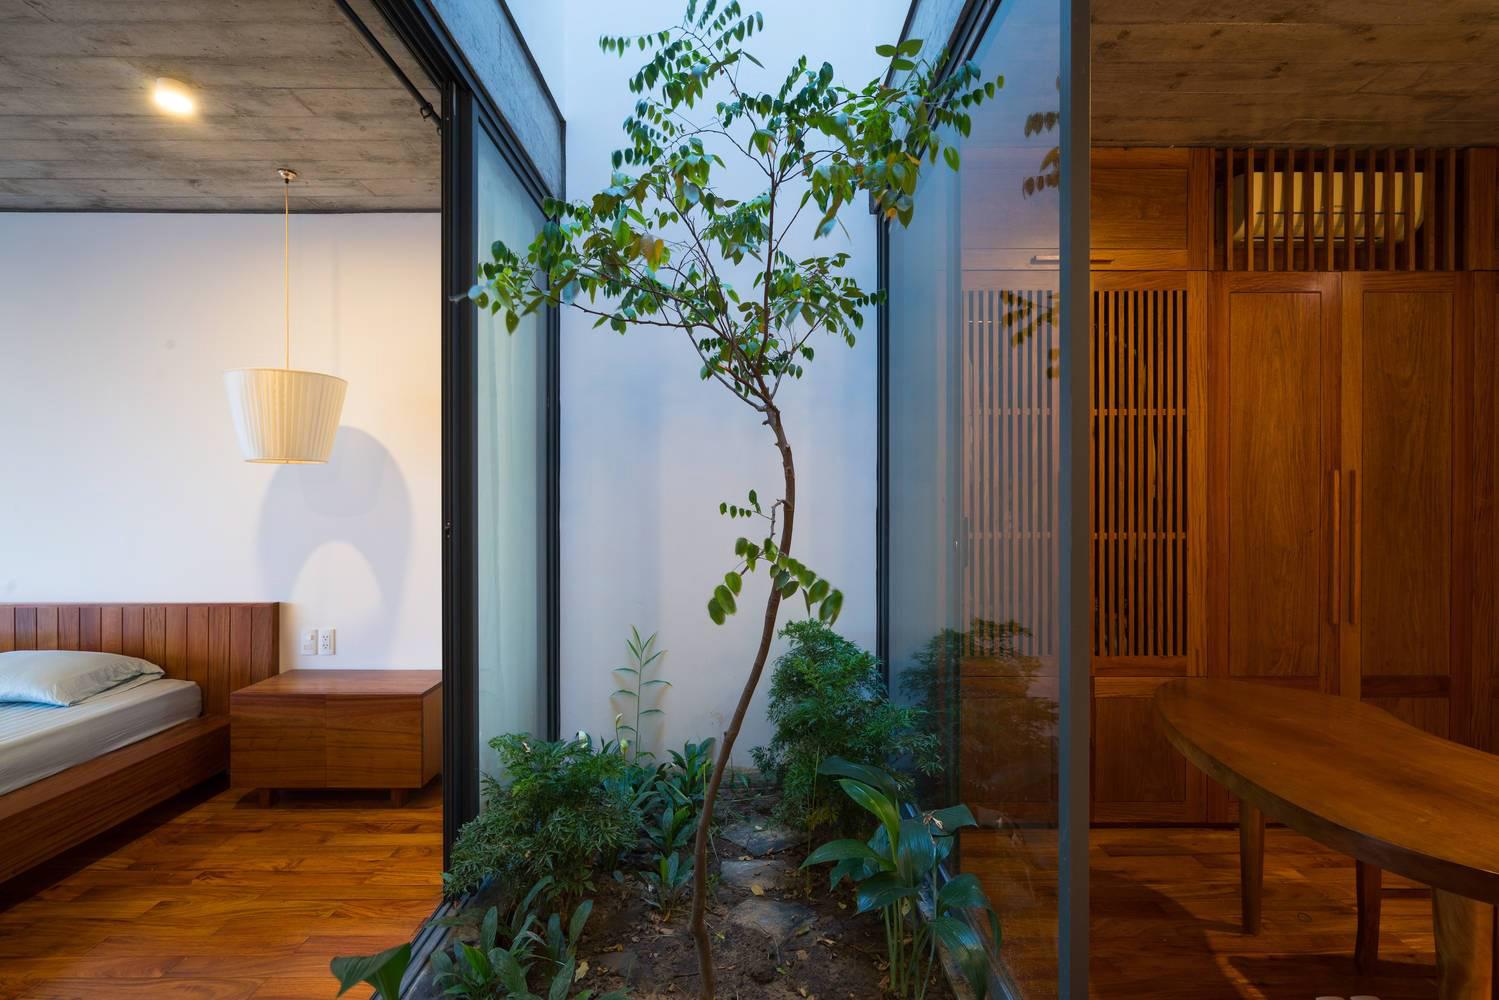 Cây khế trồng dưới giếng trời trong nhà.